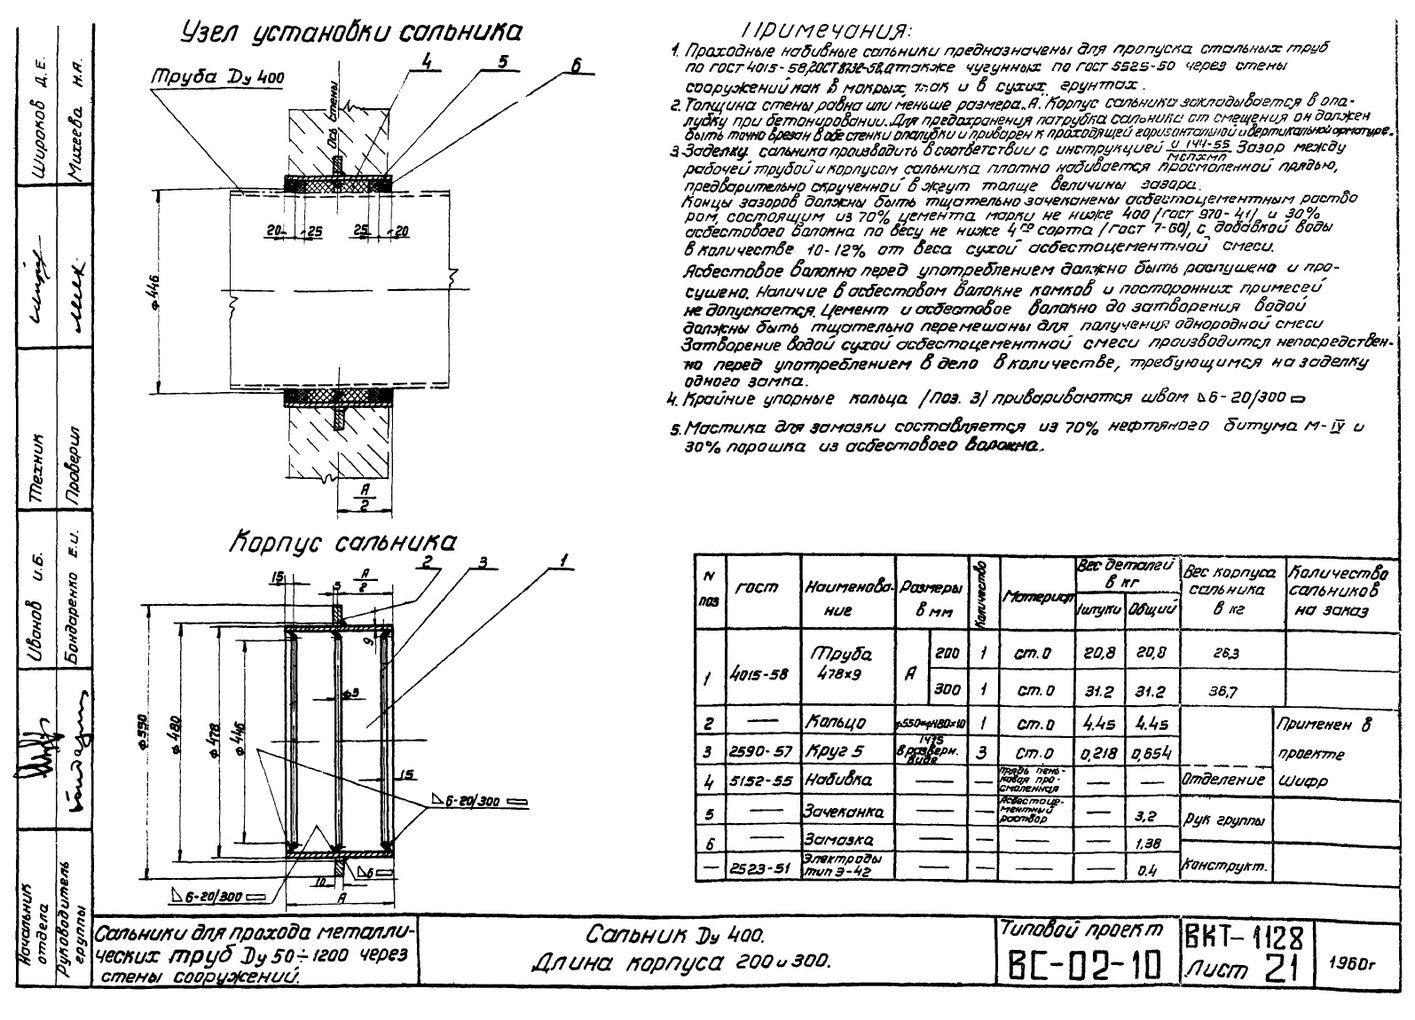 Сальники набивные L = 200 мм типовой проект ВС-02-10 стр.10